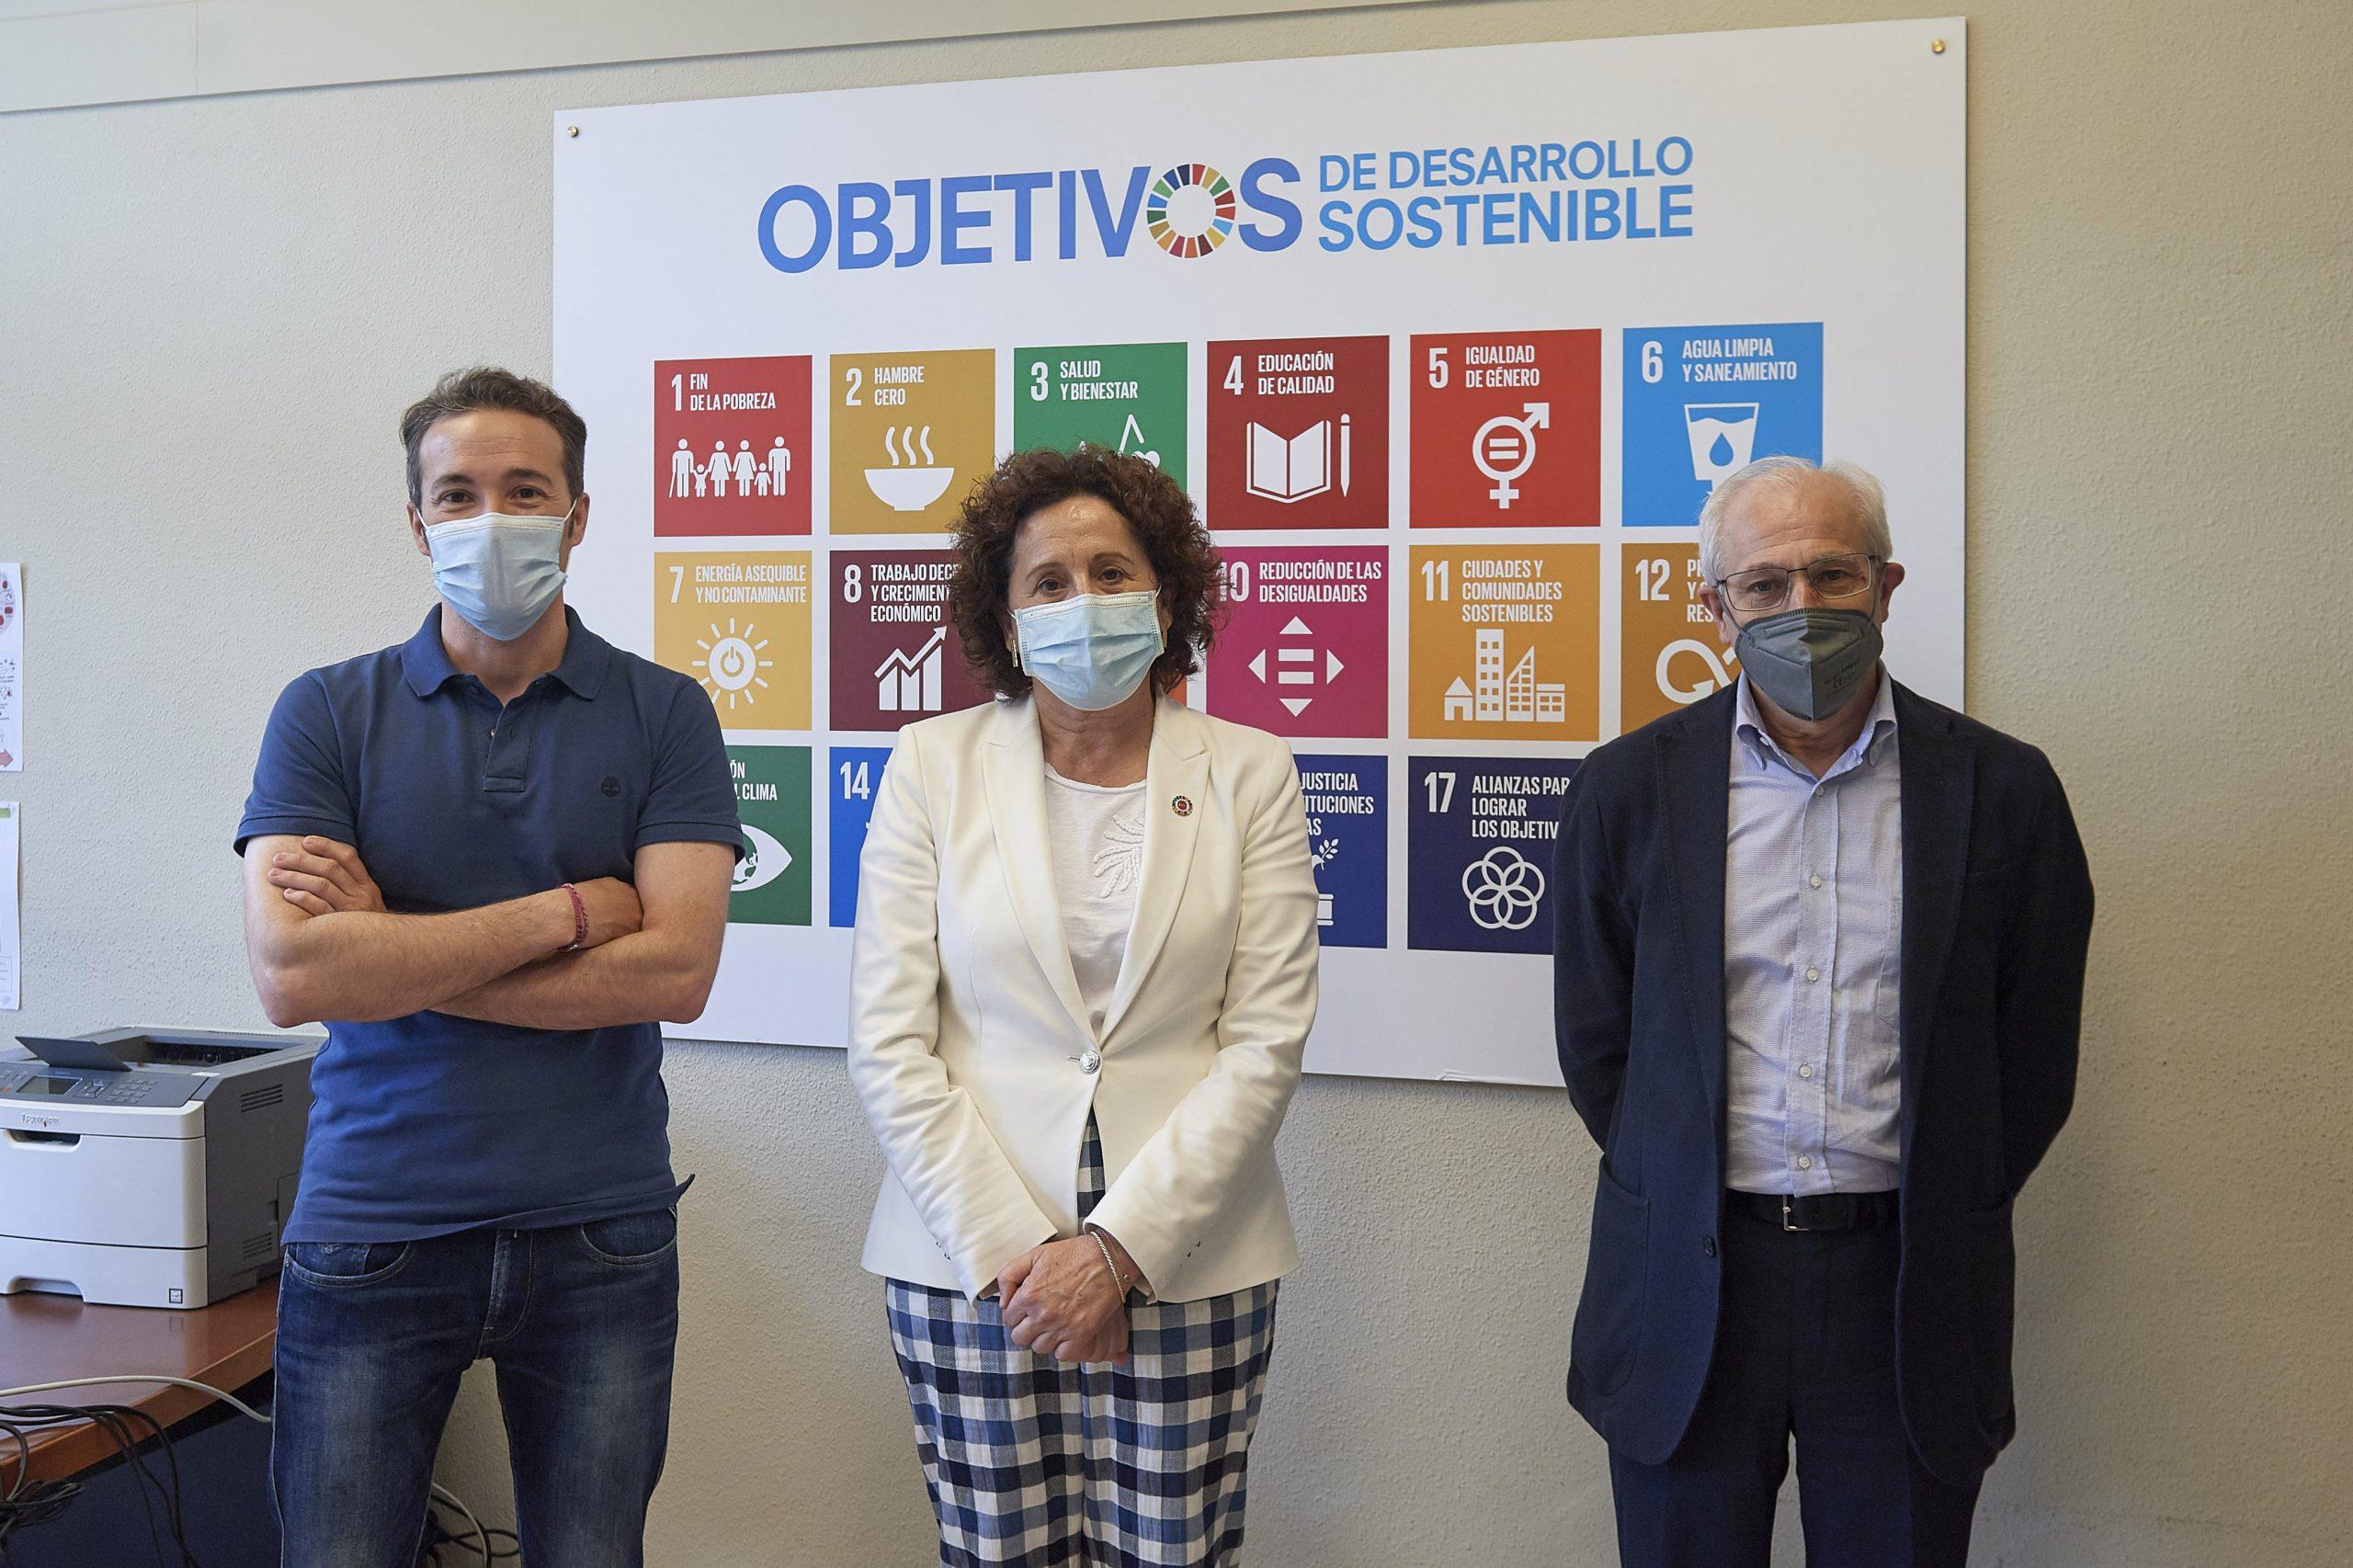 De izquierda a derecha: el director general del Observatorio de la realidad social, Luis Campos; la consejera Carmen Maeztu; y el vicepresidente de la Fundación Tomás y Lydia Recari, Miguel Echarri